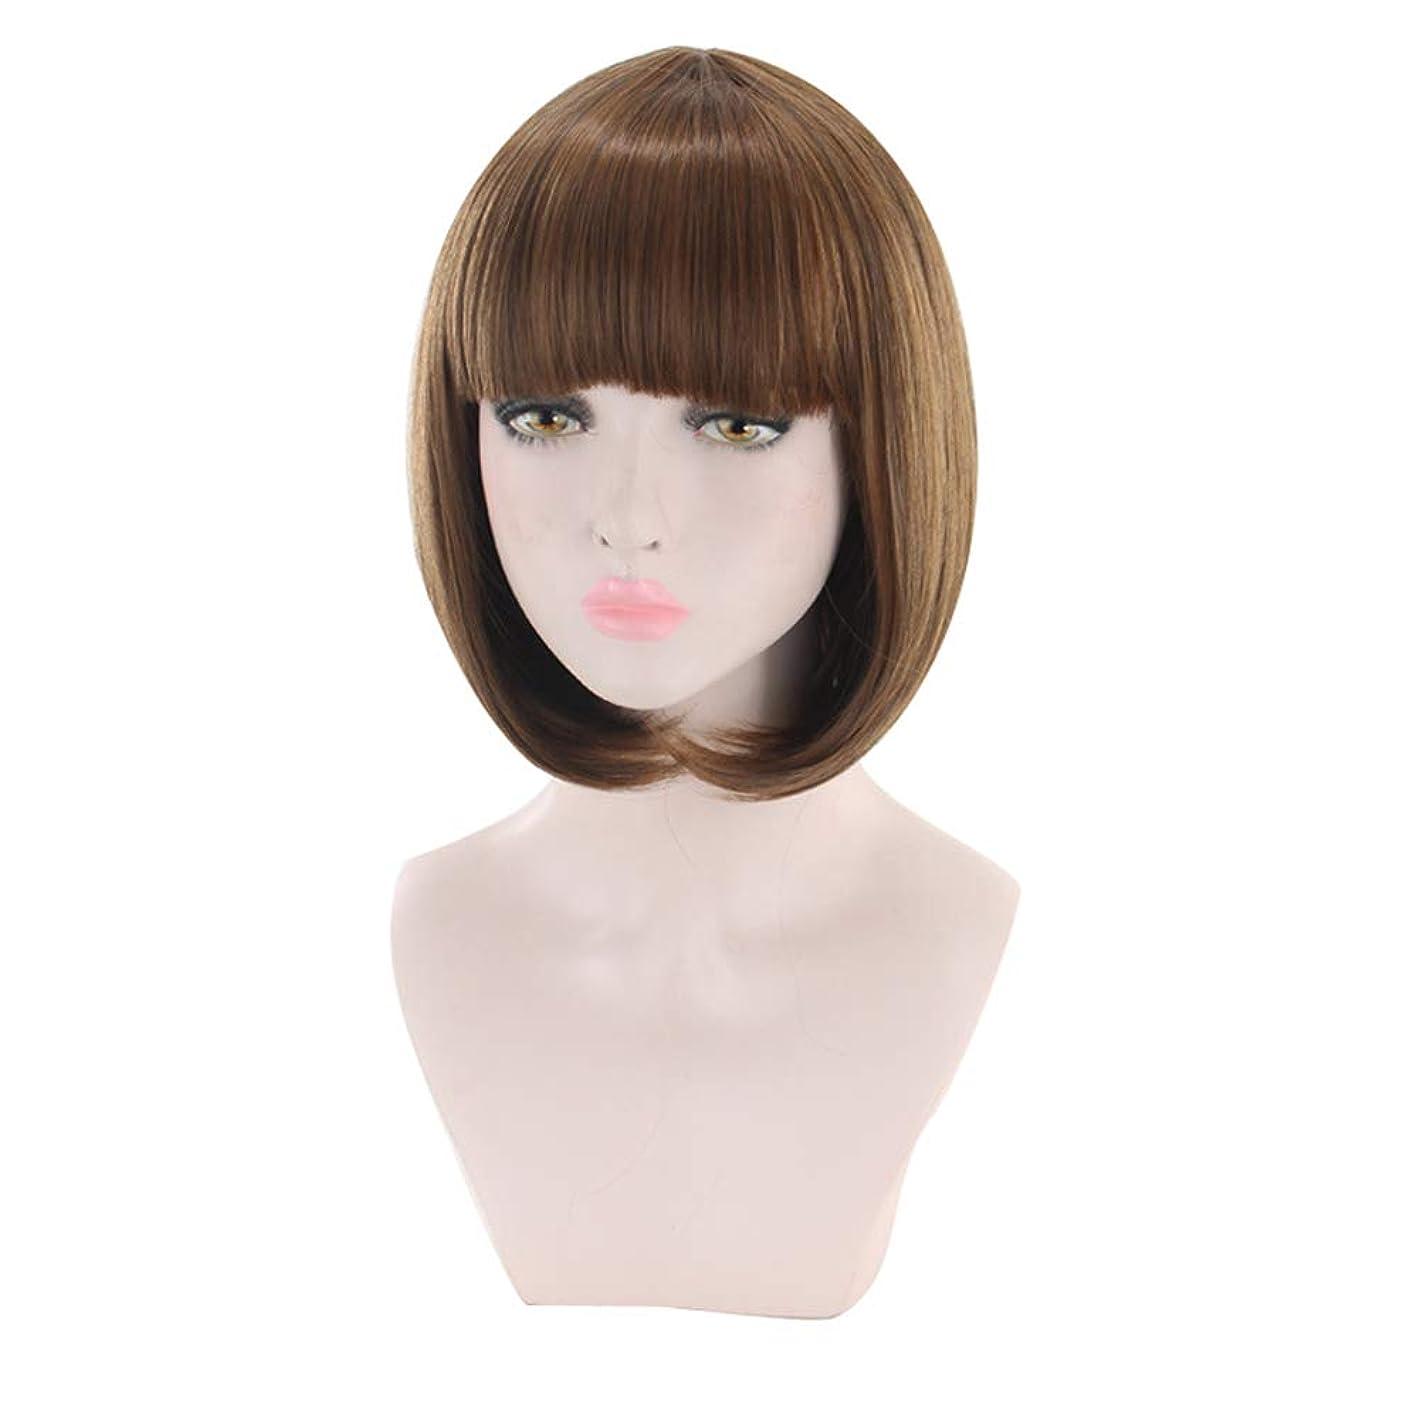 しばしば人類保有者YESONEEP 11.8インチハロウィーンパーティーショート前髪なし高温繊維毛髪のかつらファッションかつら (色 : 淡い茶色)